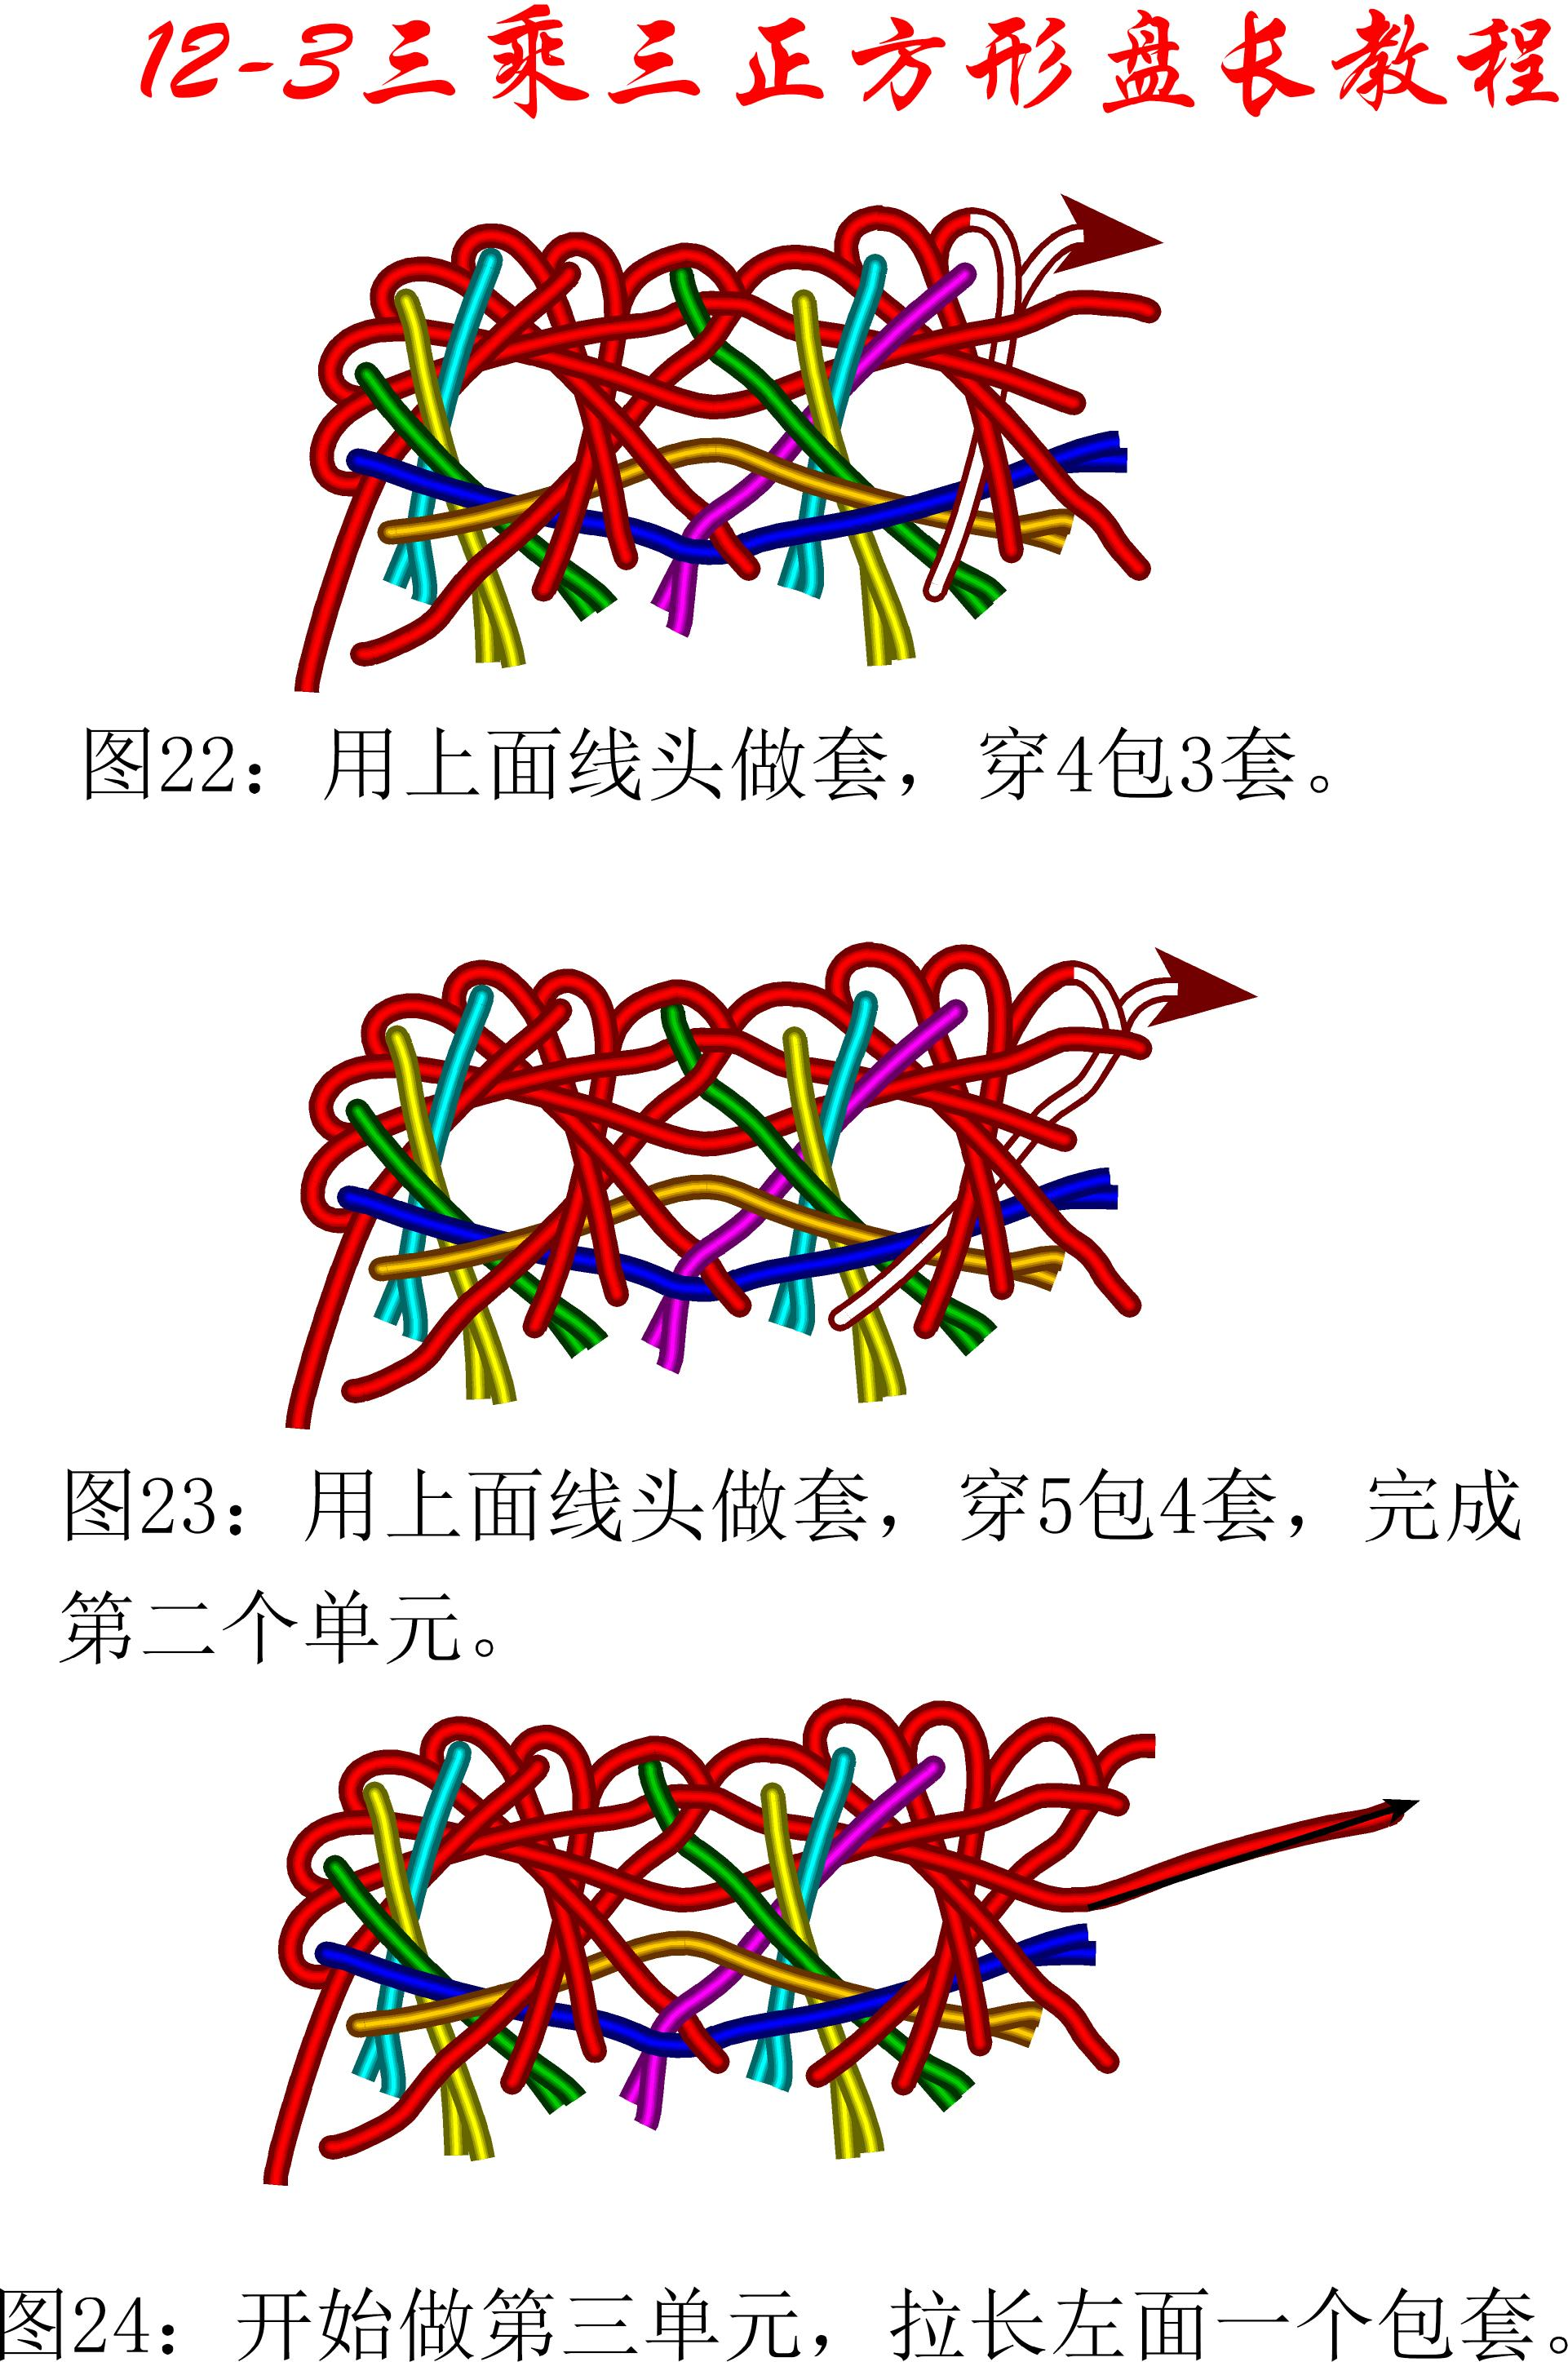 中国结论坛 12-3盘长平行扩展方法---3乘3方形盘长 方形,方形脸怎么办 丑丑徒手编结 093107z1a6ud1dab14tgsg